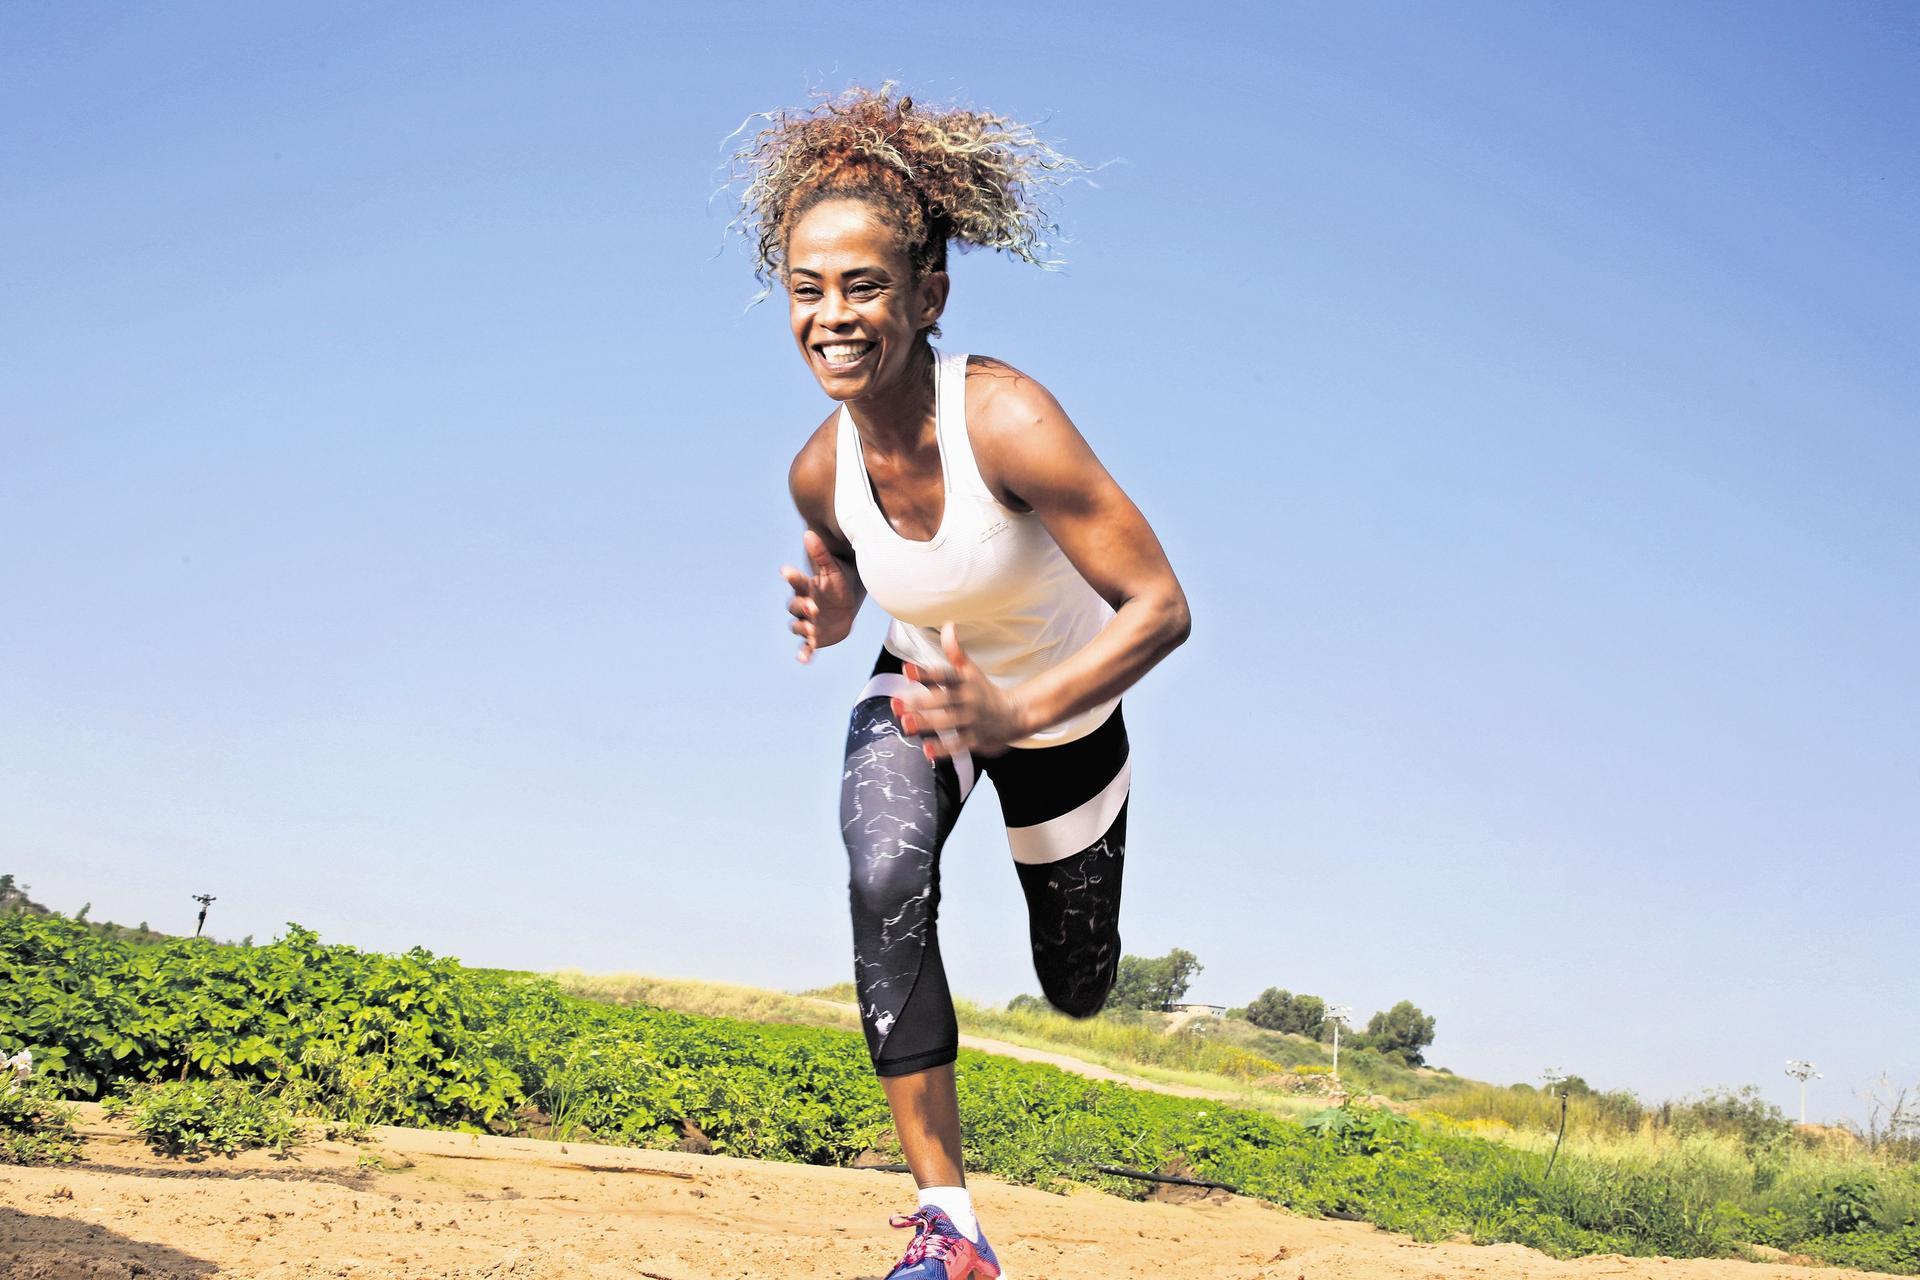 רחלי לוגסי, אצנית מרתון. צילום: ריאן